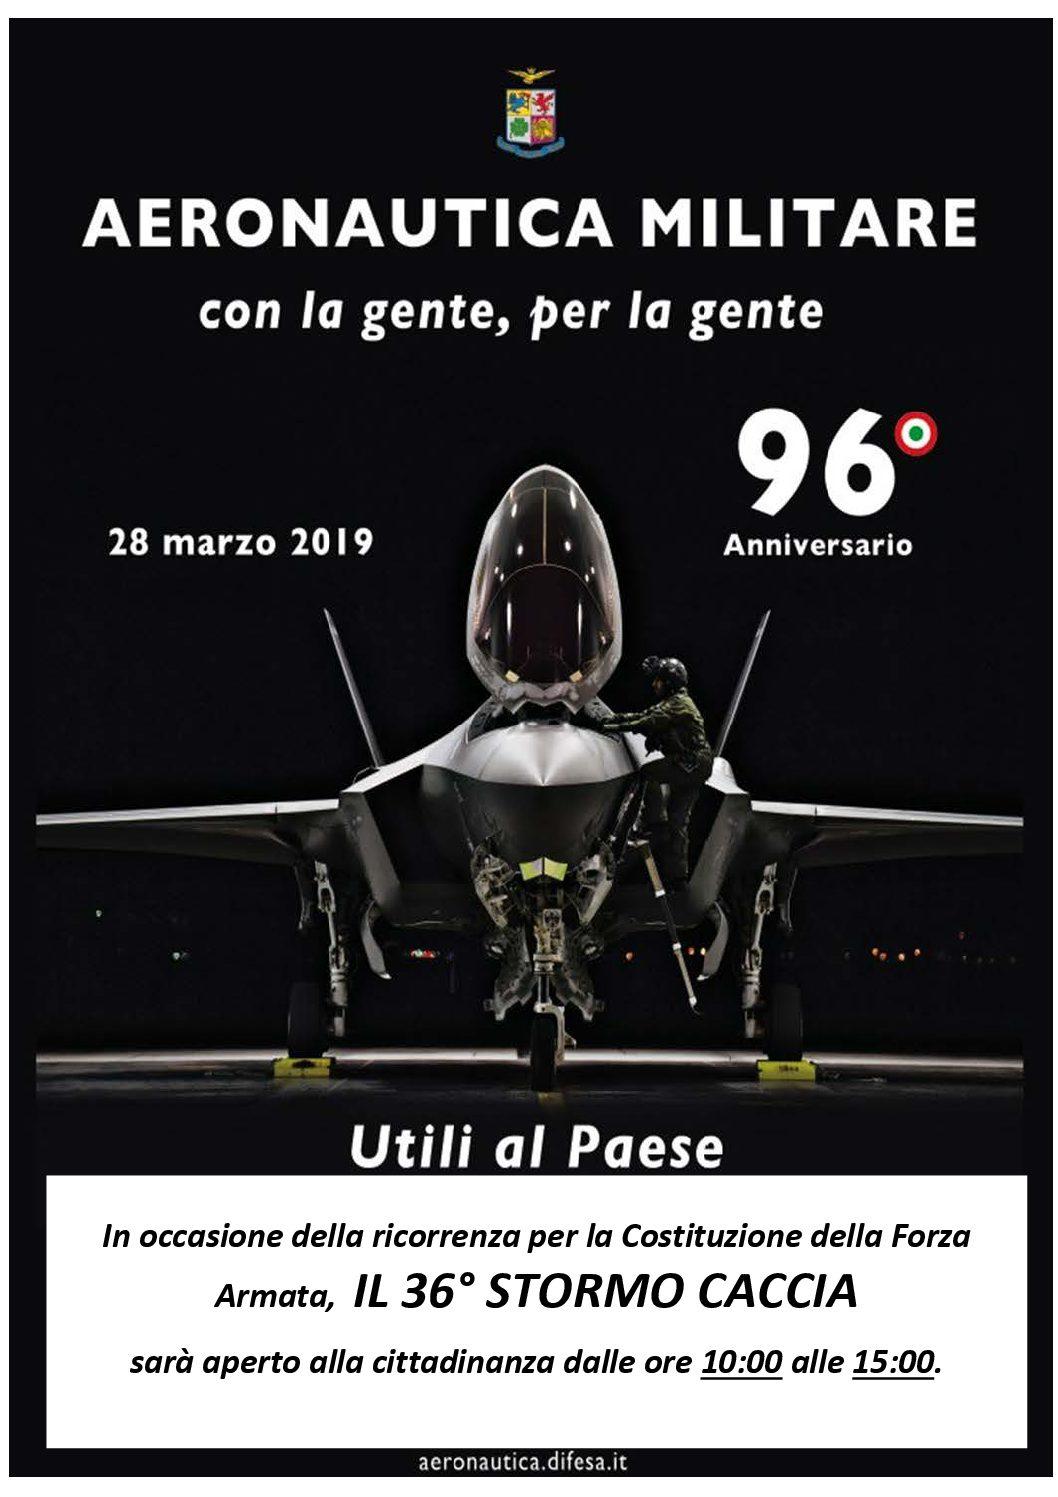 Porte aperte al 36° Stormo Caccia di Gioia del Colle per il compleanno dell'Aeronautica